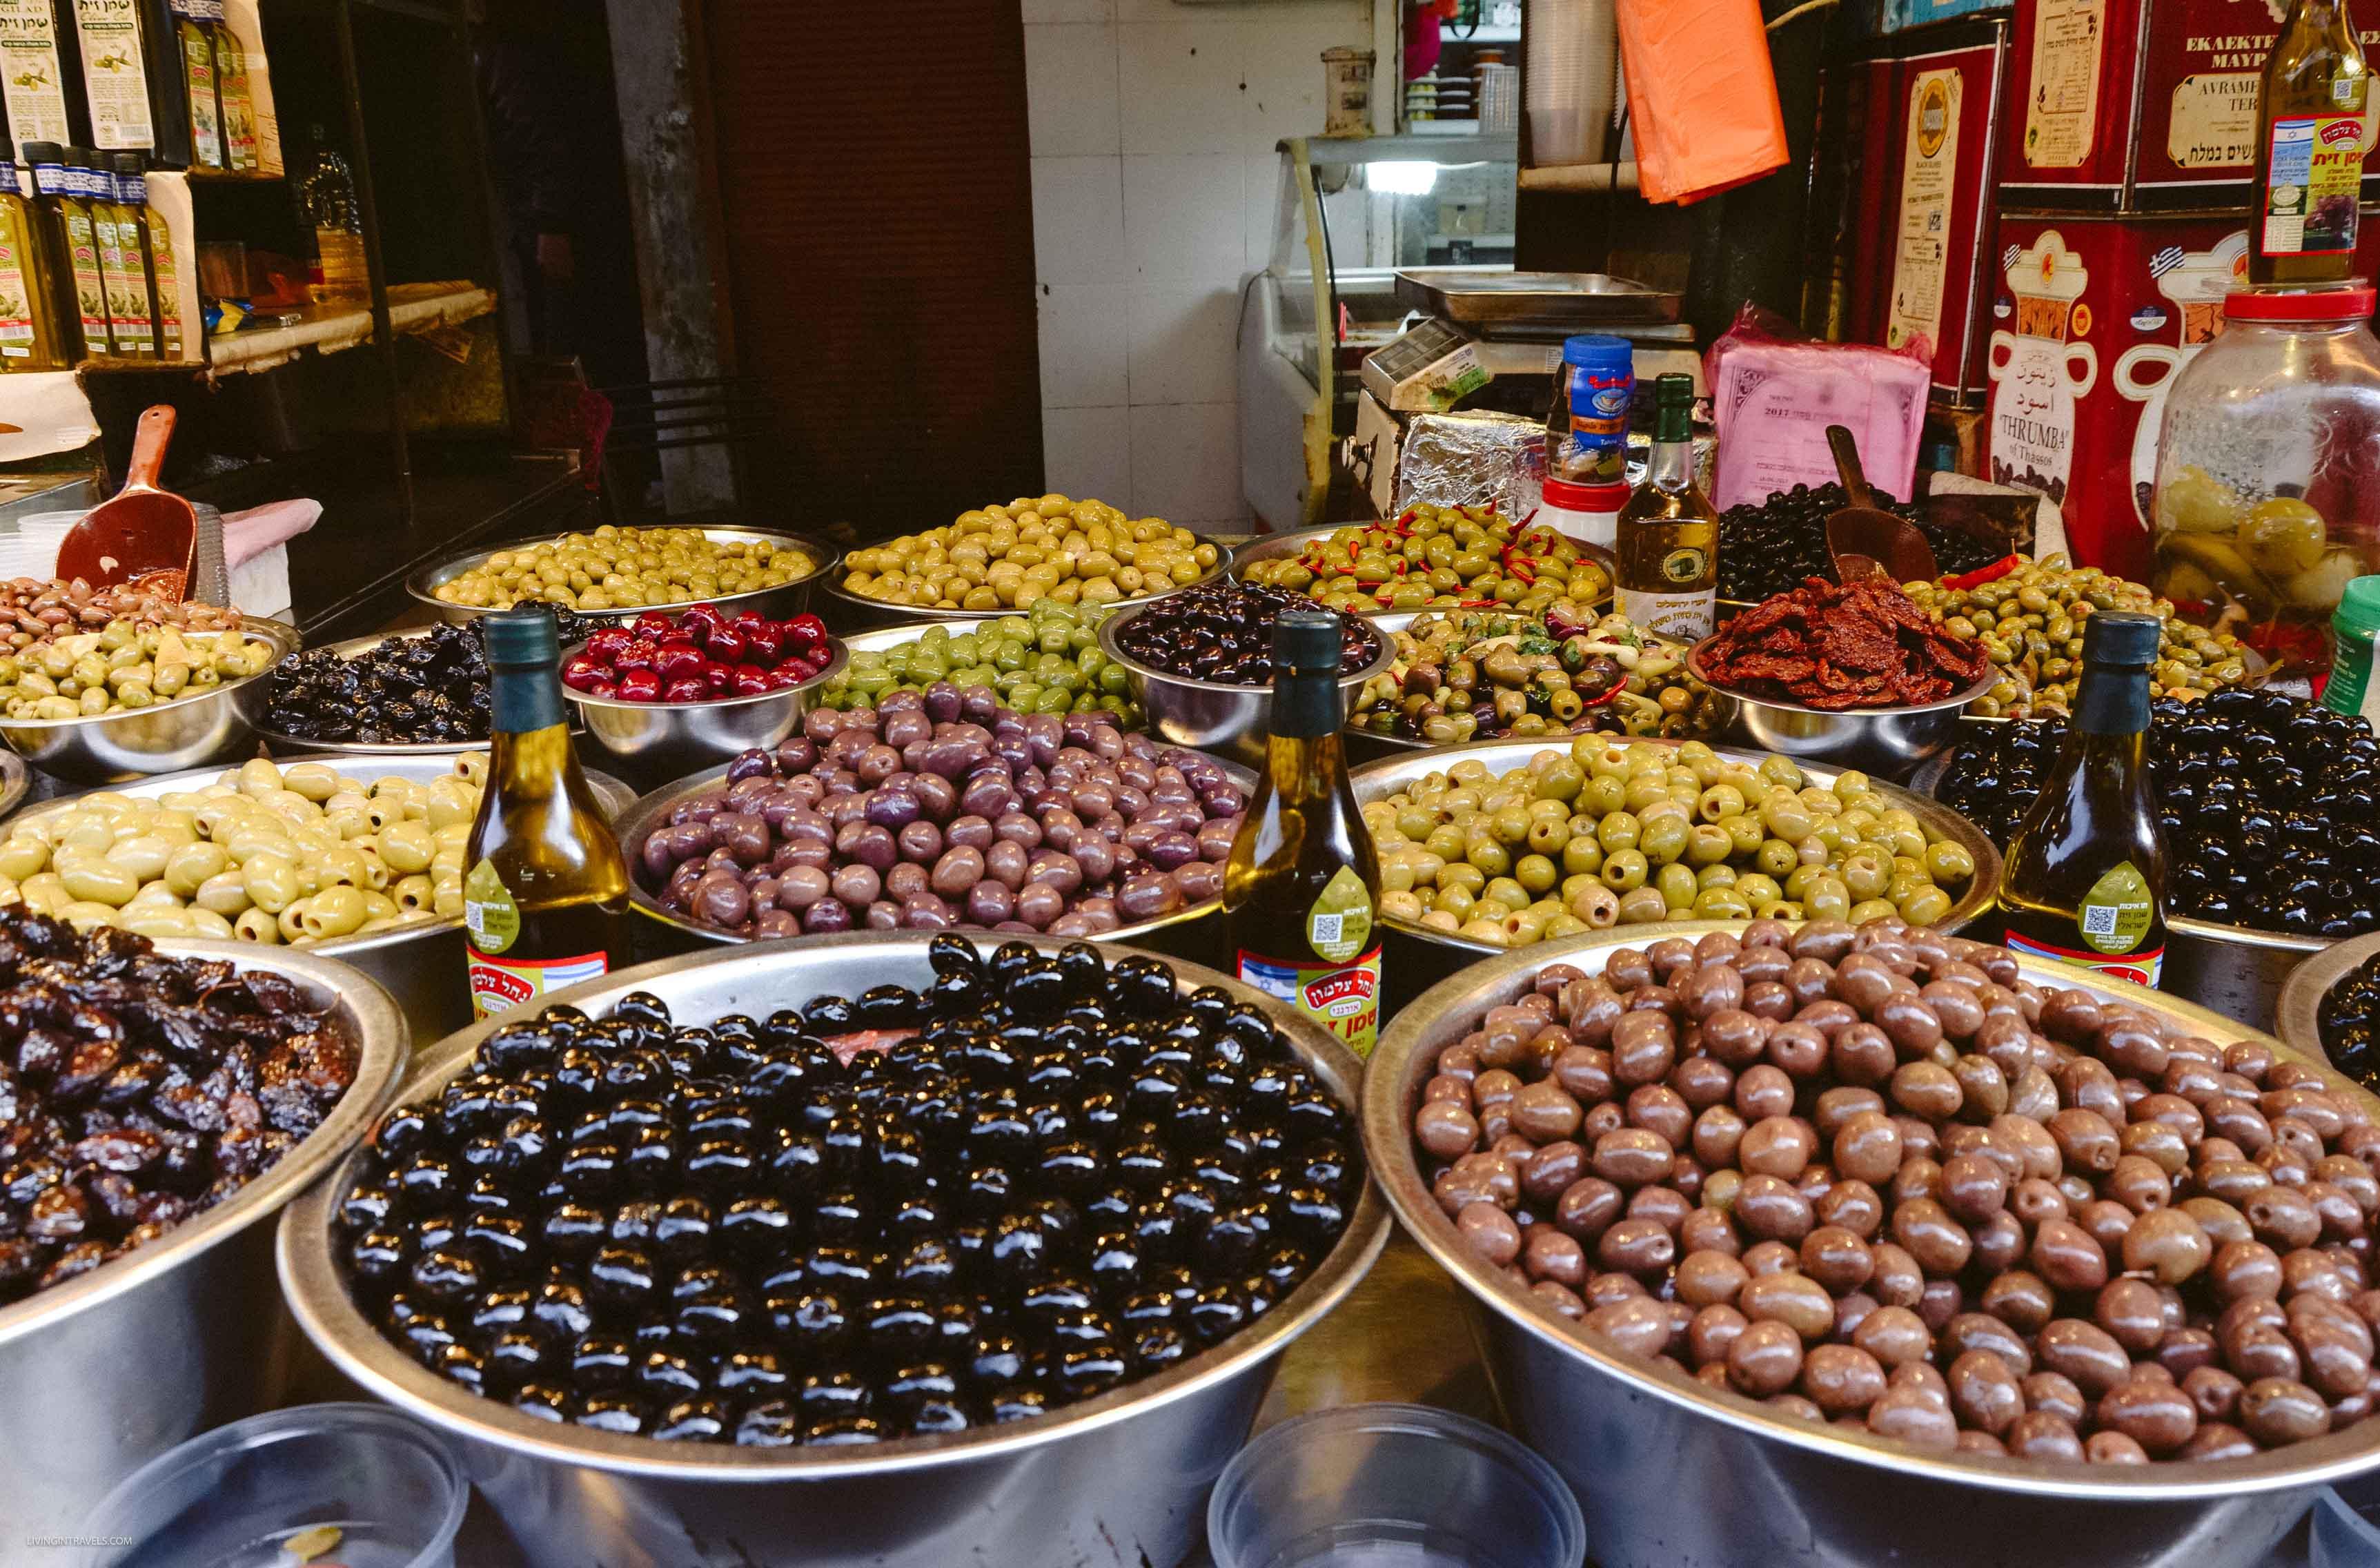 Вкусненькое из Израиля или что купить на рынке Кармель в Тель-Авиве